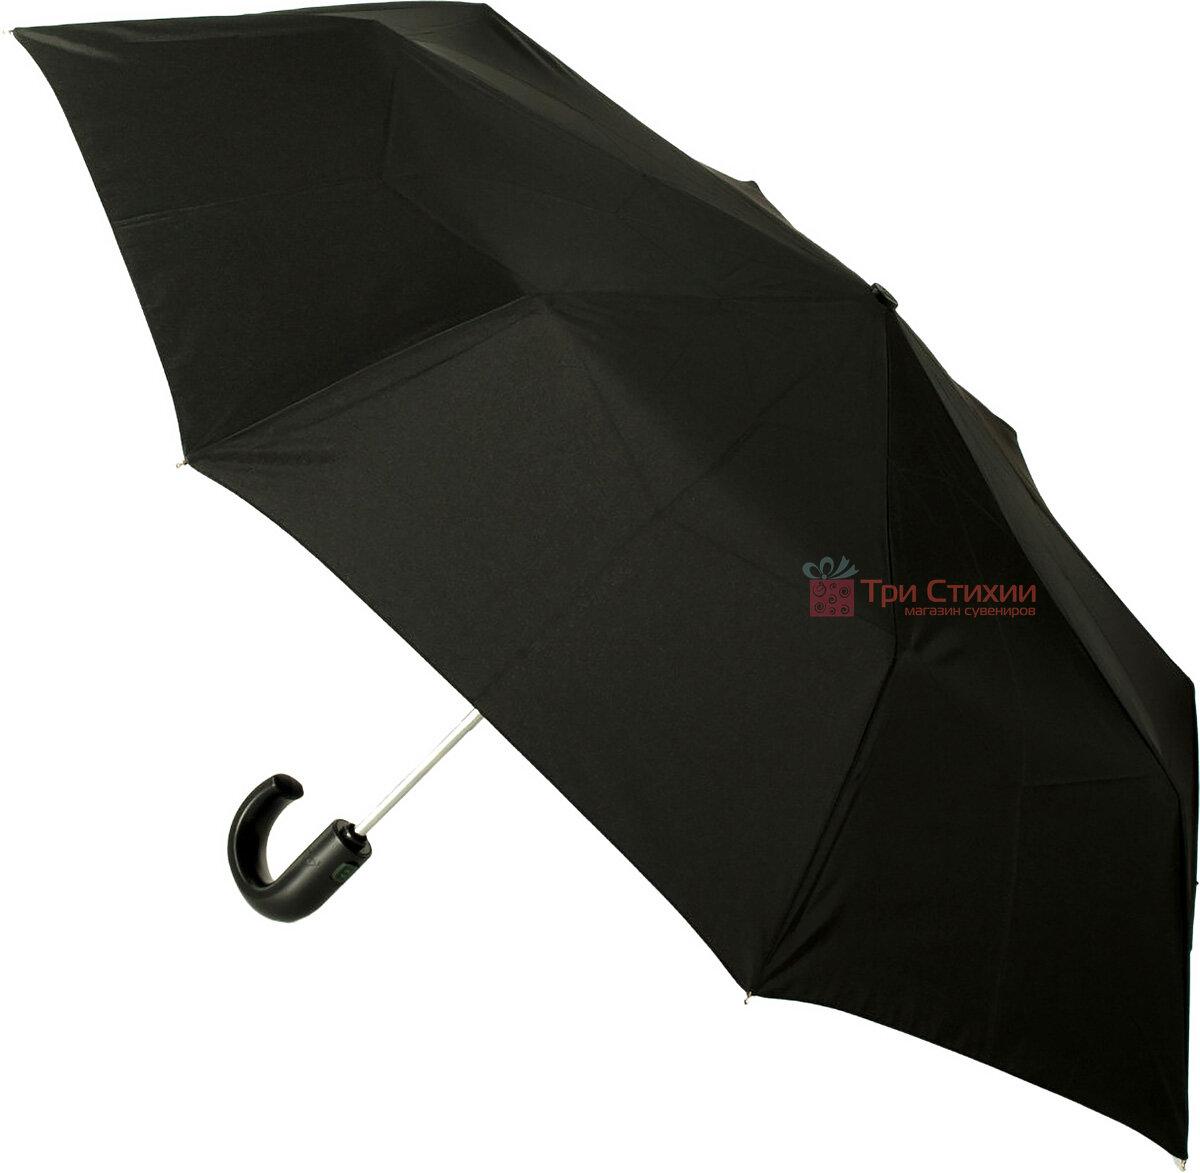 Зонт складной Fulton Open & Close-11 G820 Black полный автомат Черный (G820-003152), фото